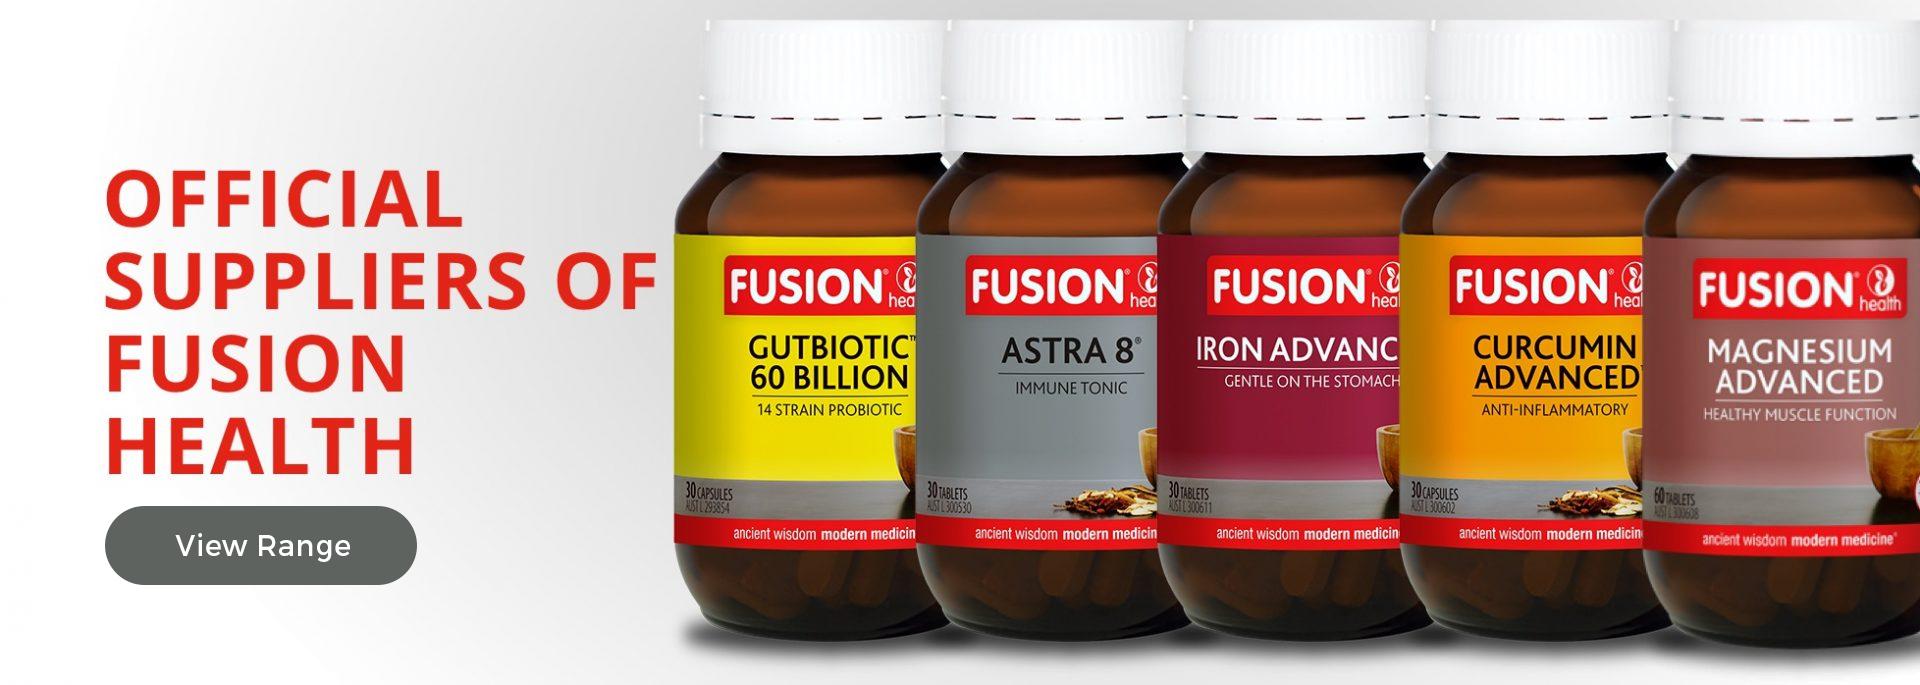 Slider 4 - Fusion